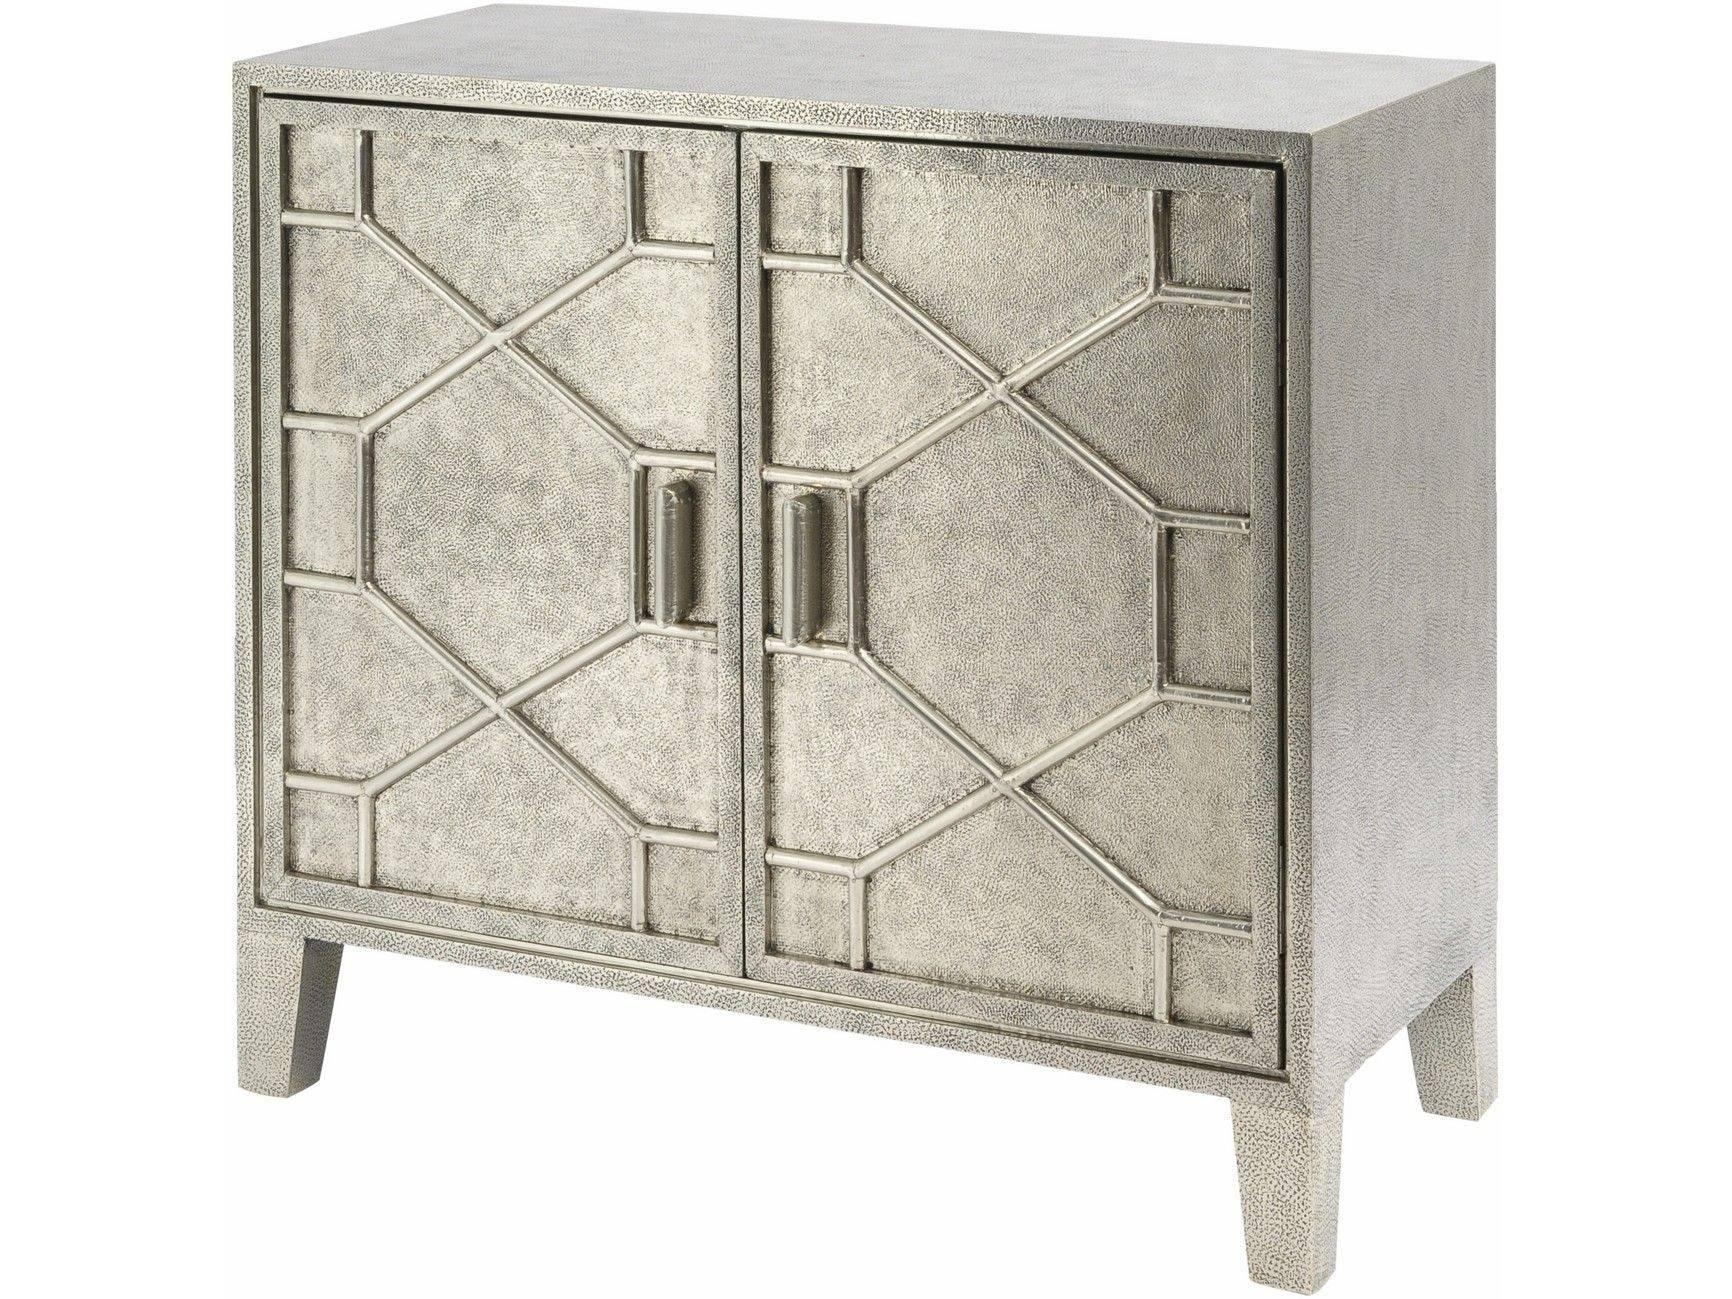 Astor Hand Embossed Metal 2 Door Cabinet | Metal Embossed Sideboards intended for Metal Sideboards (Image 1 of 30)